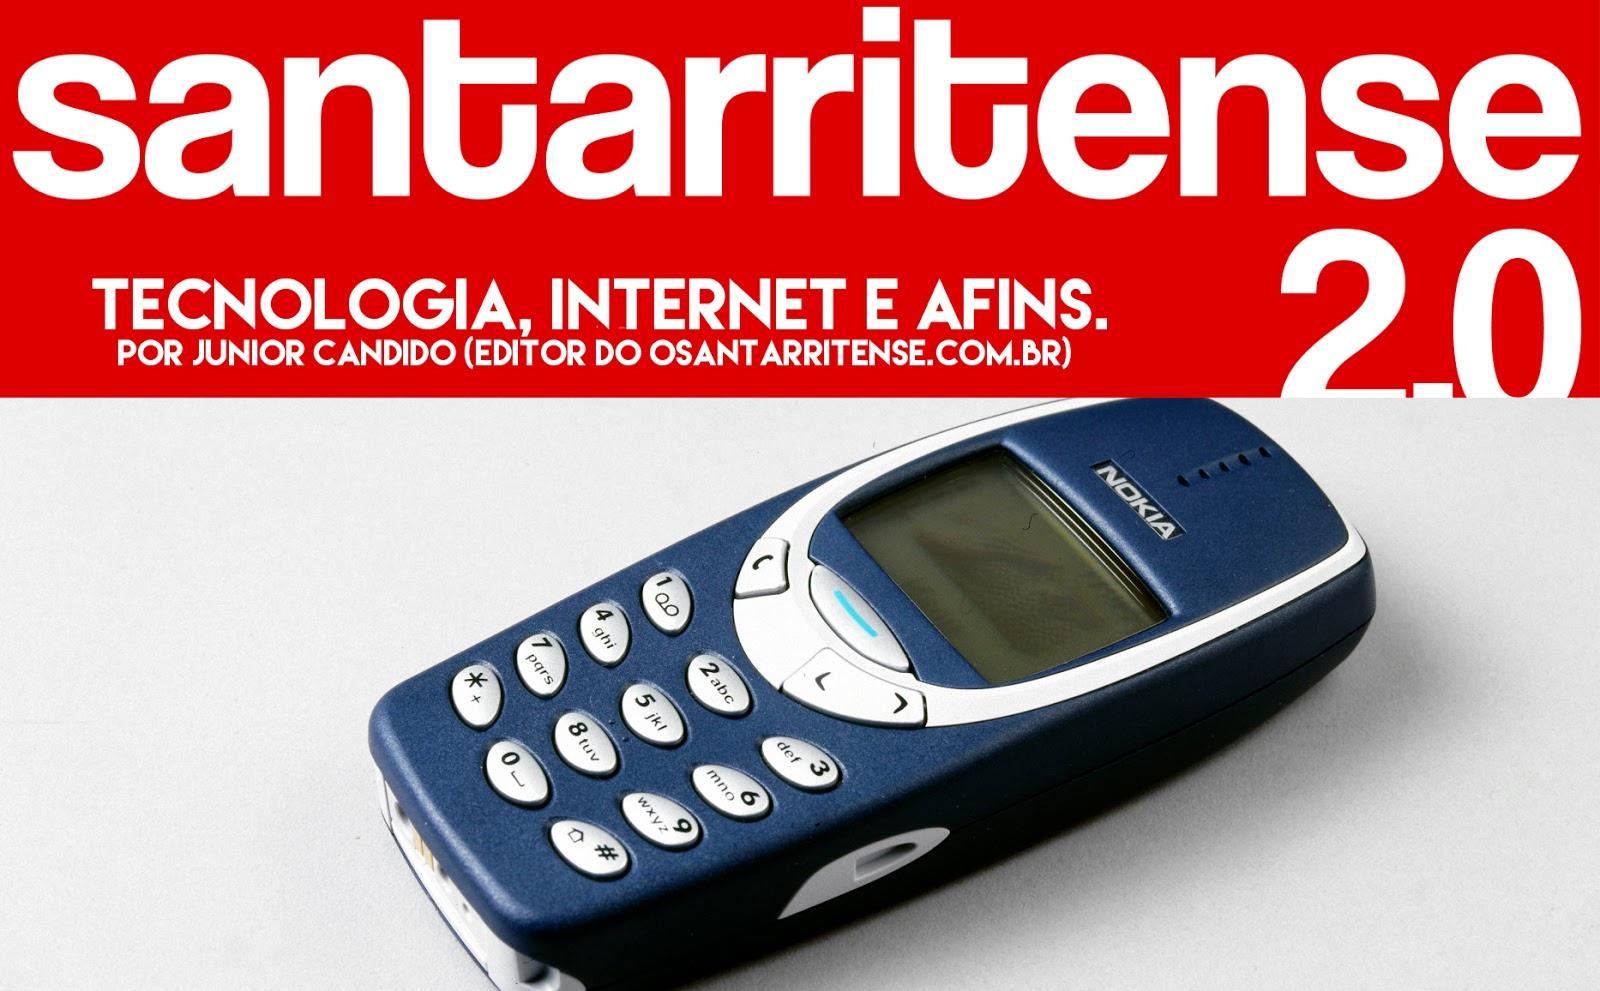 Conheça o britânico que até hoje usa apenas o Nokia 3310 (o Nokia tijolão)